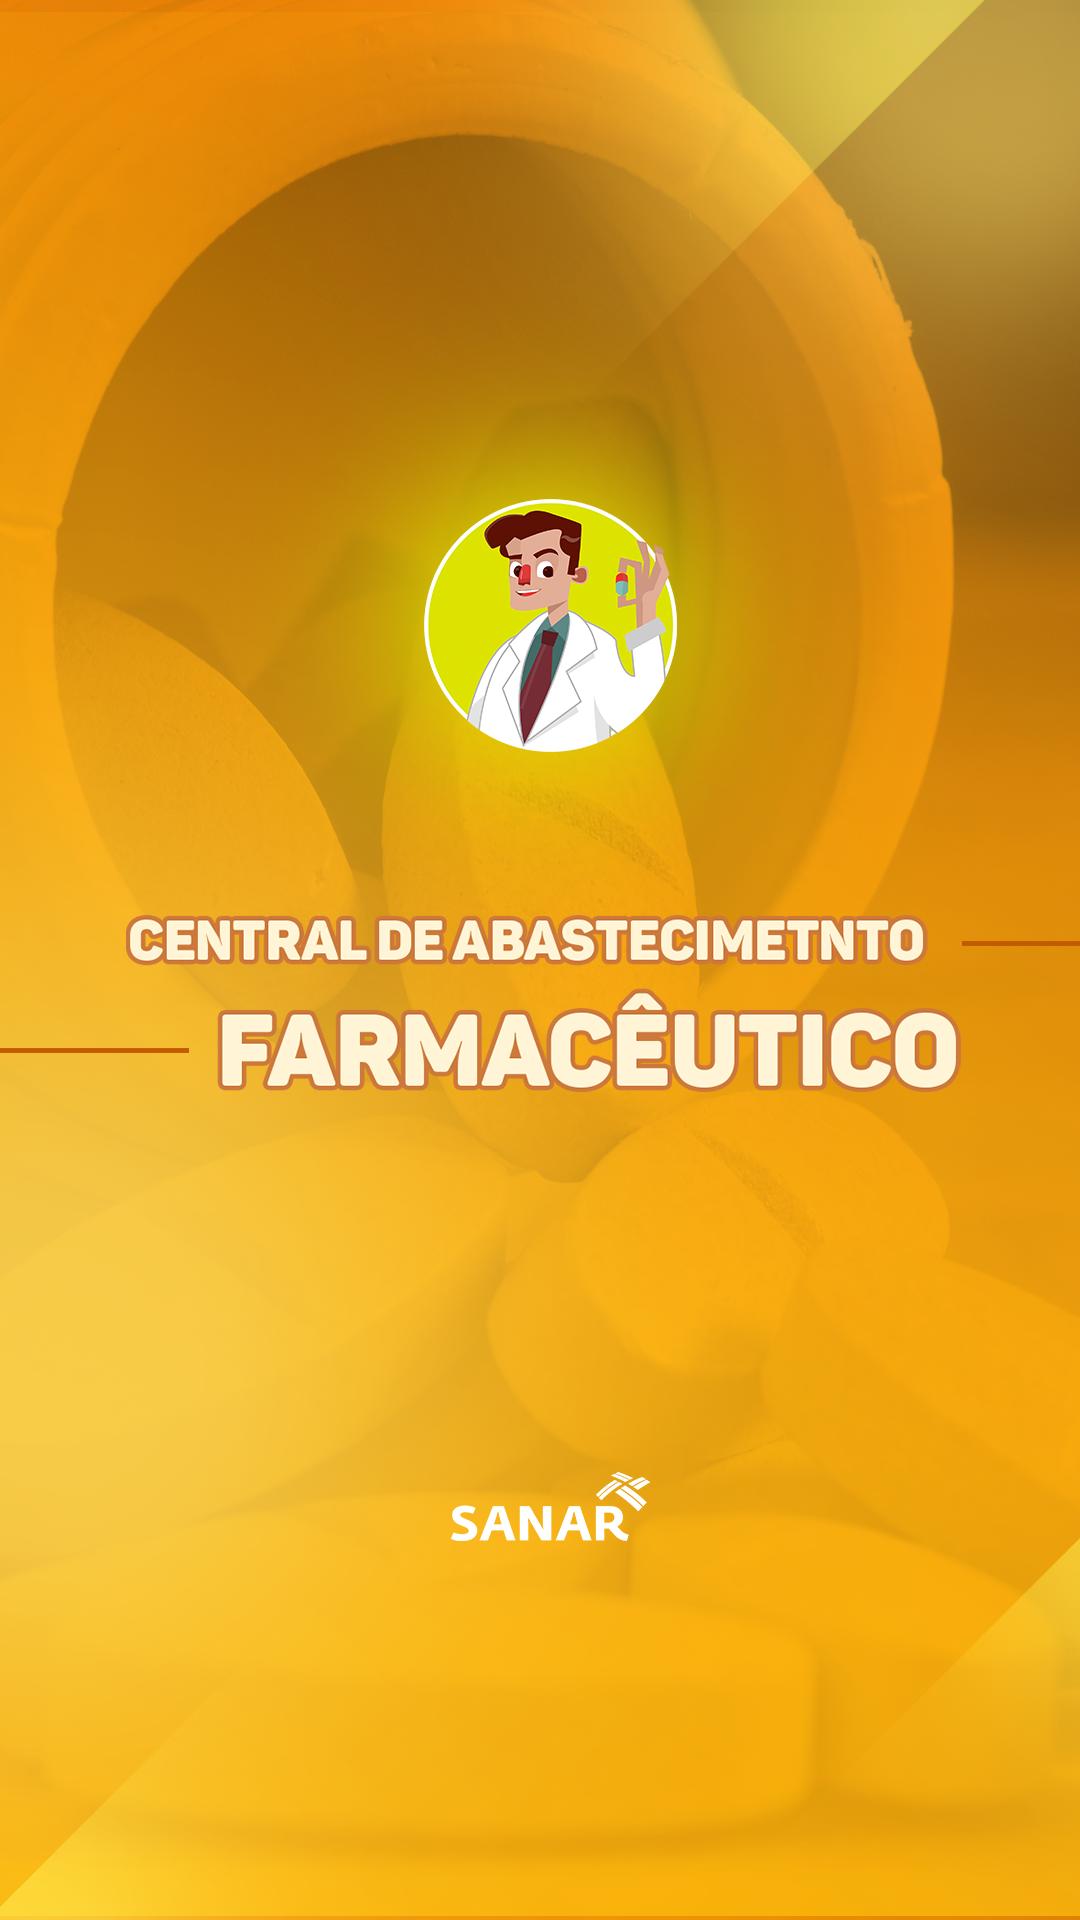 Central de abastecimento farmacêutico: tudo que você precisa saber